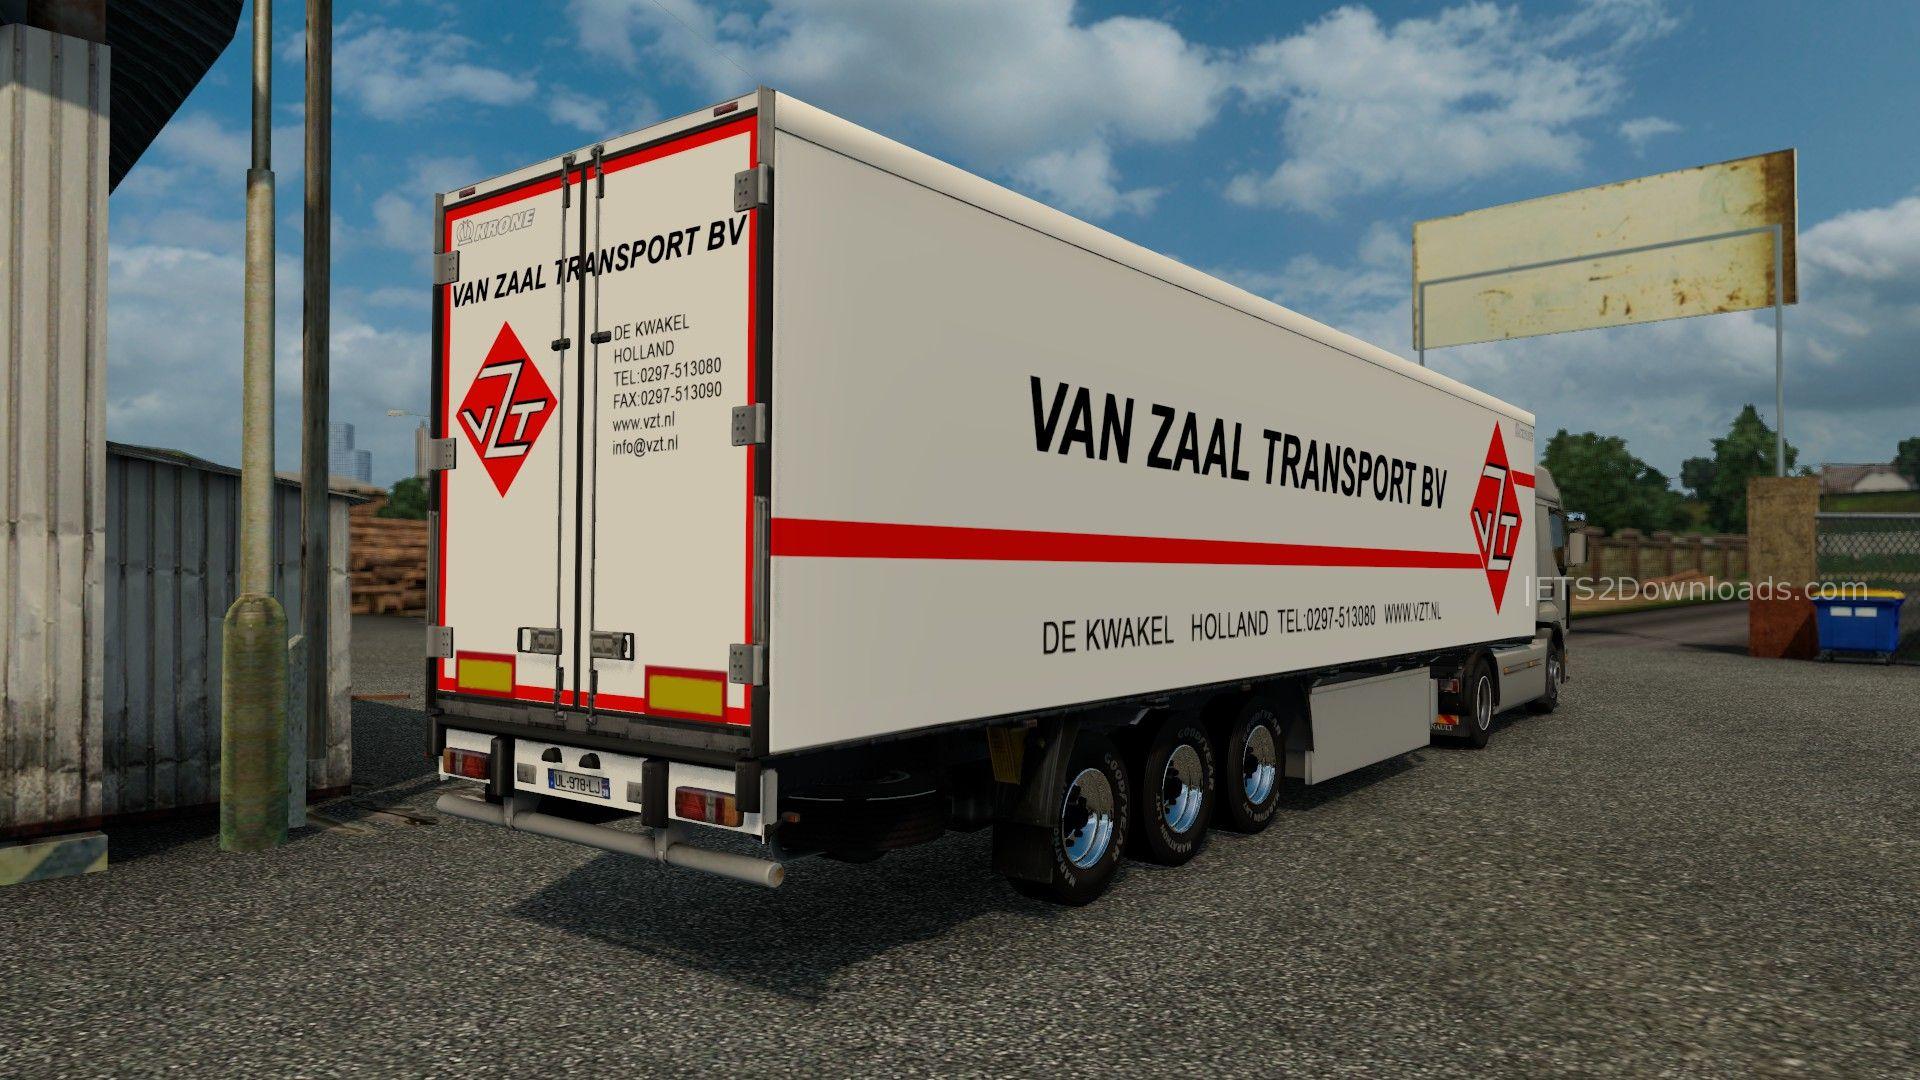 van-zaal-transport-trailer-2